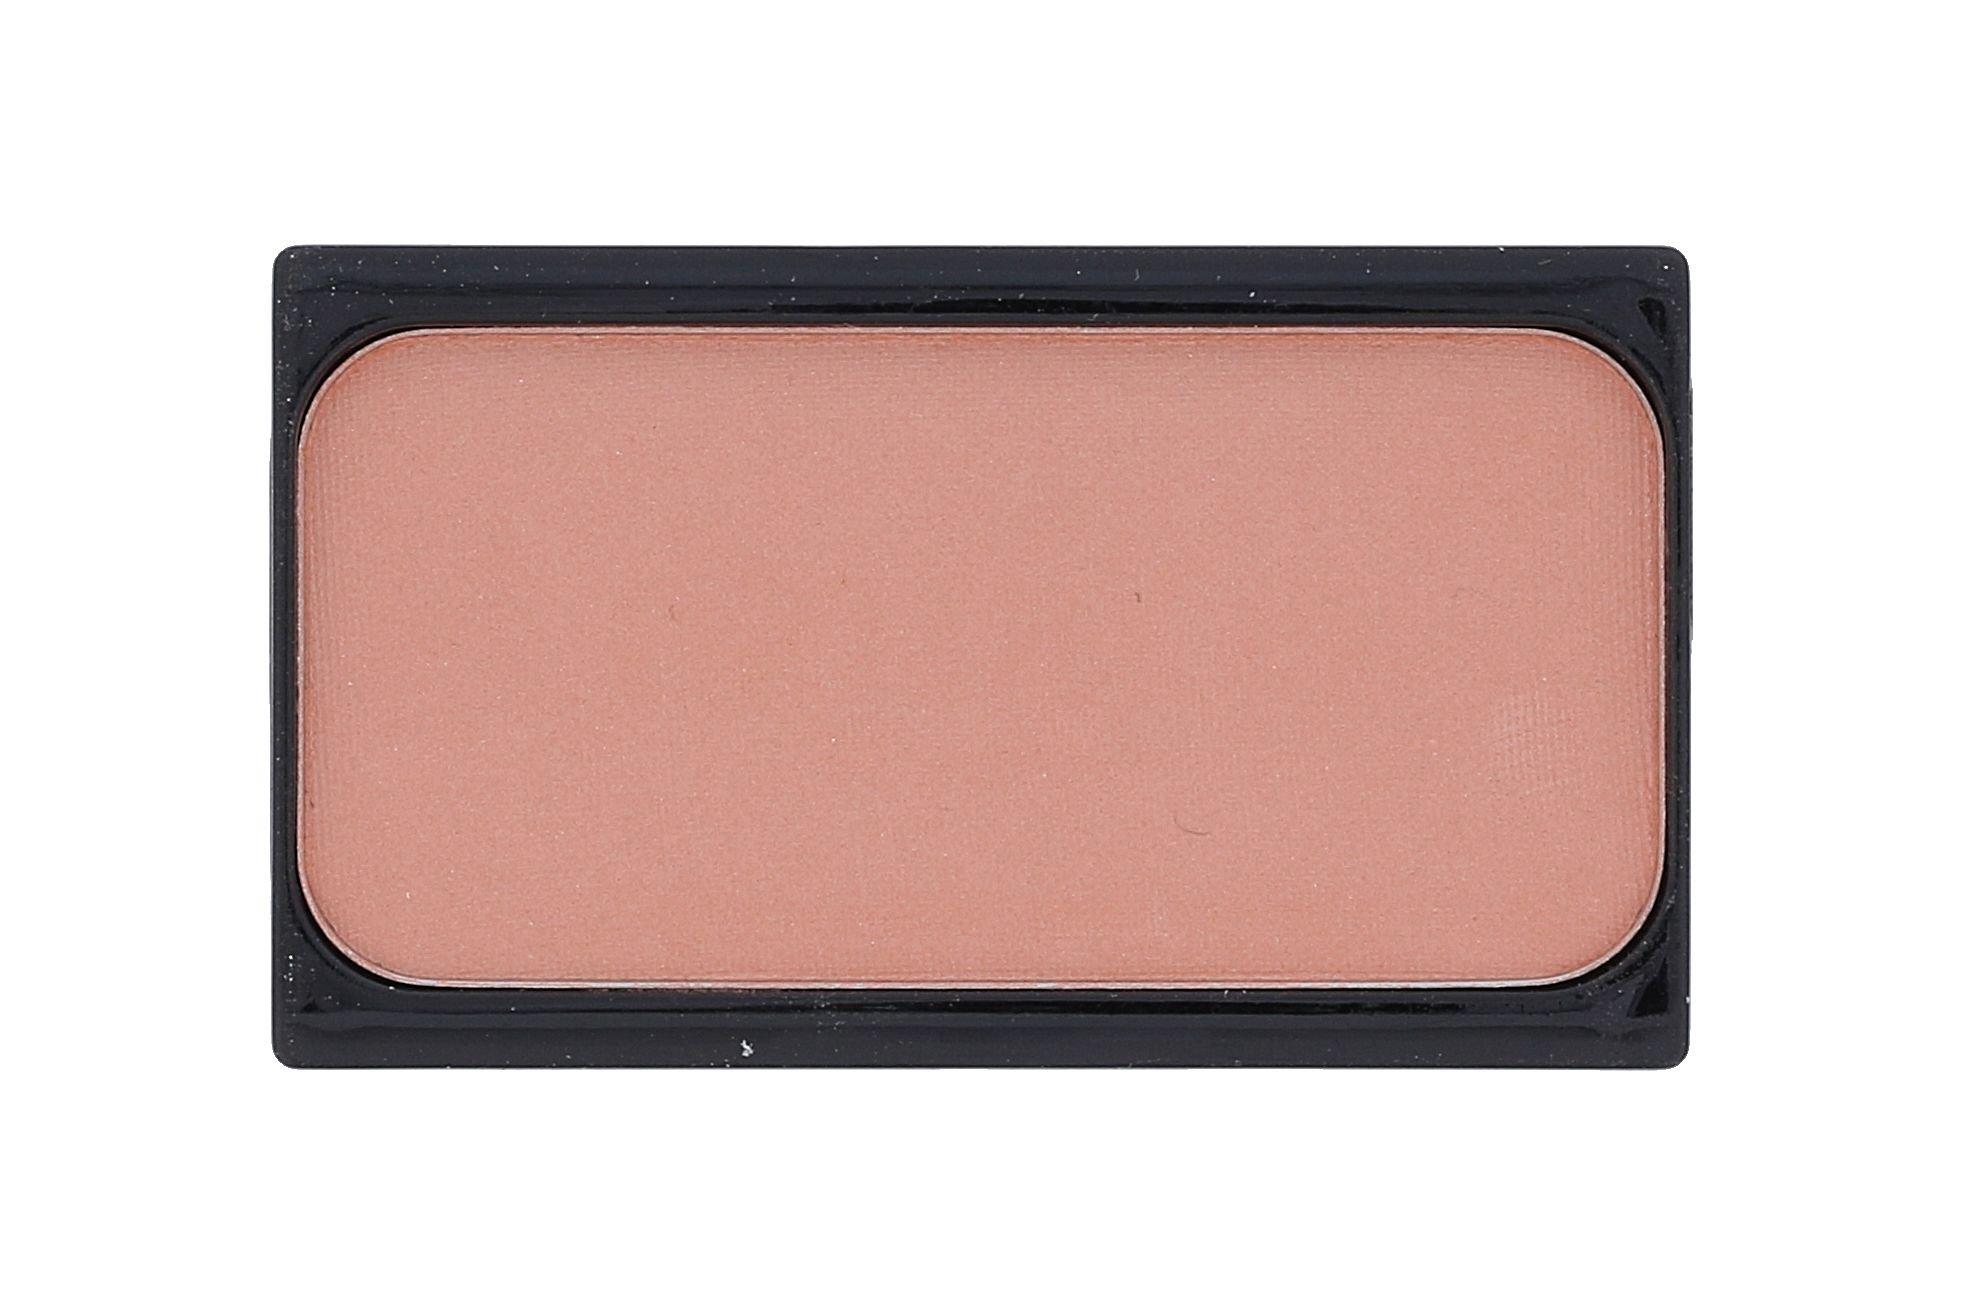 Artdeco Blusher Cosmetic 5ml 05 Copper Peach